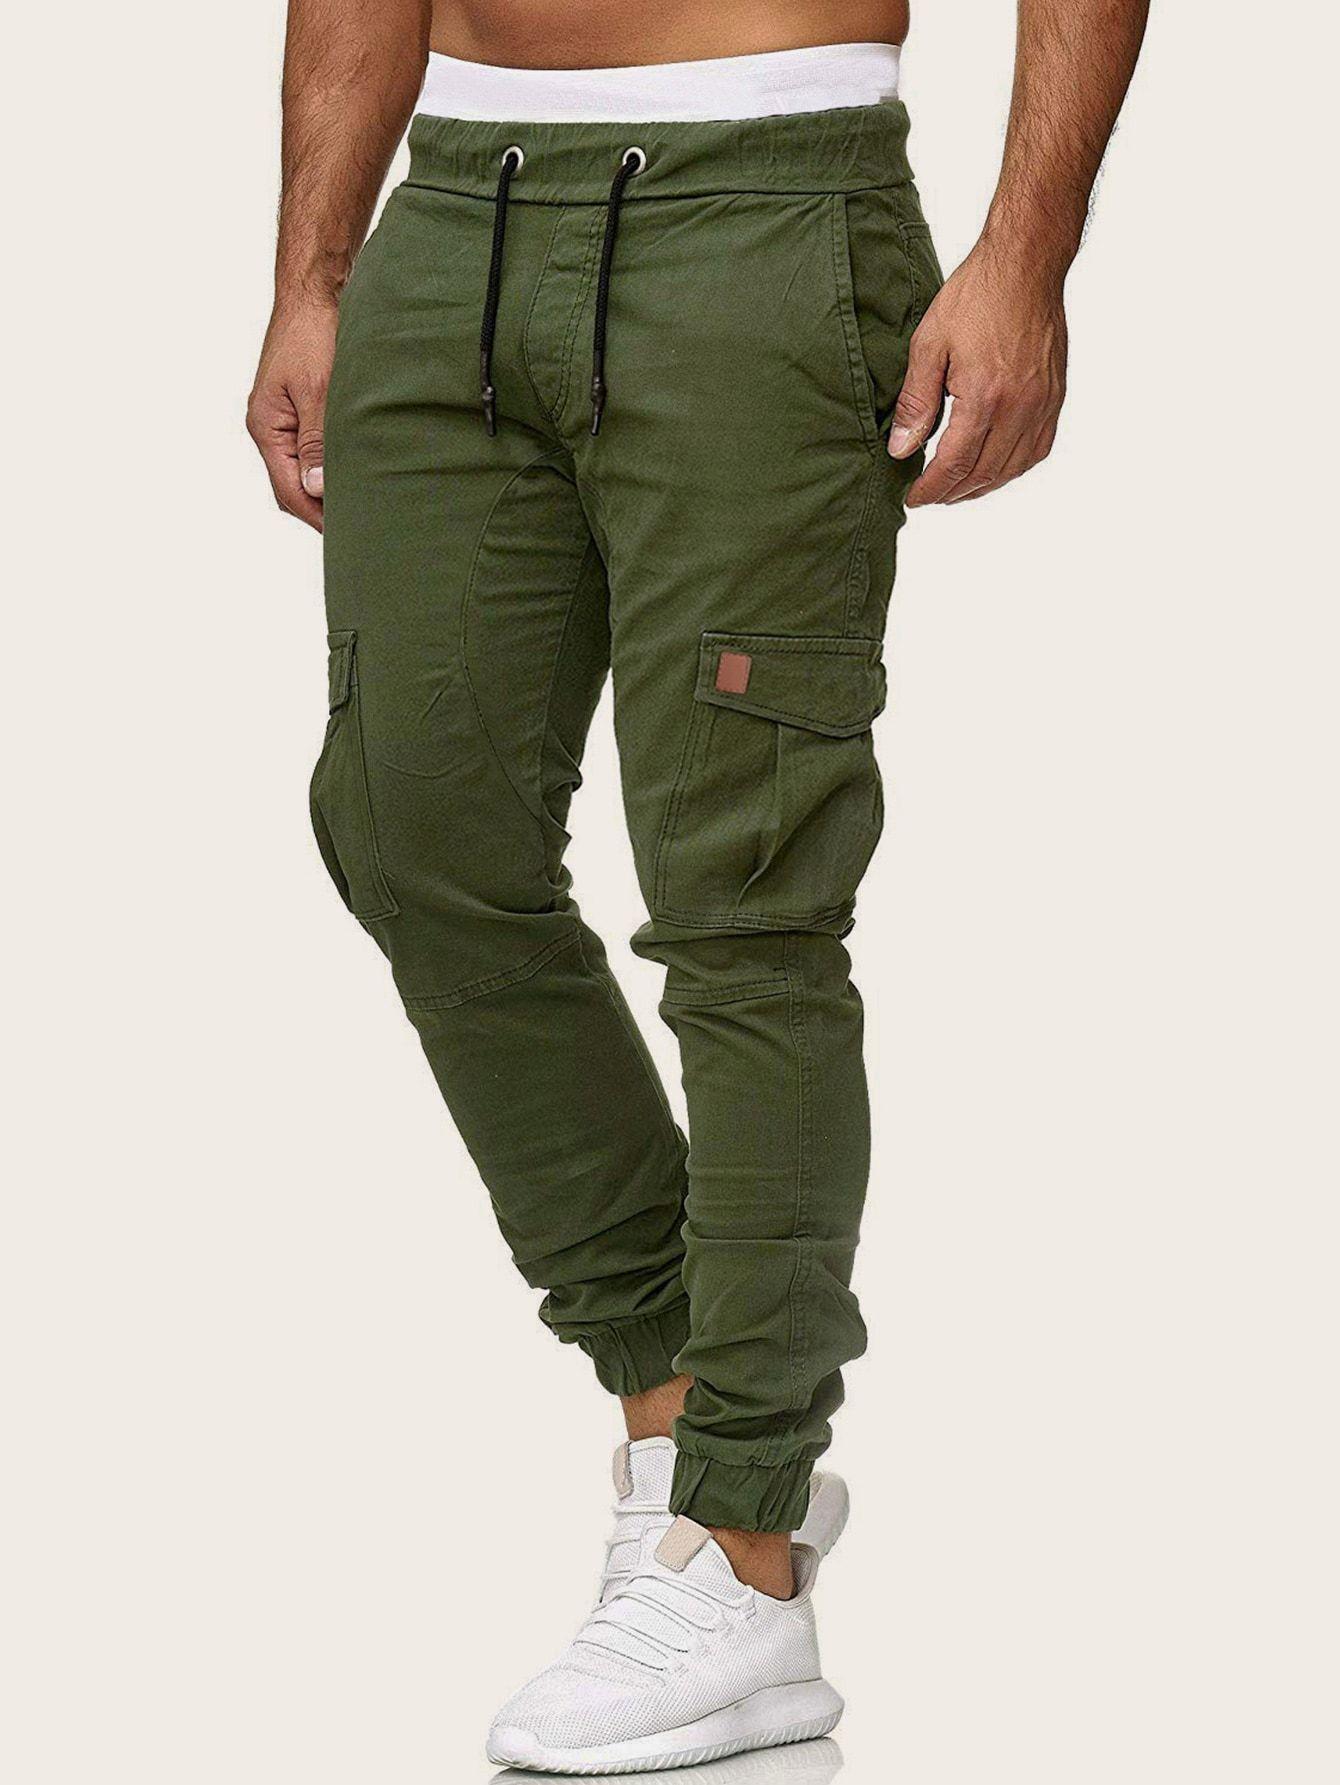 Pantalones Cargo De Hombres De Cintura Con Cordon Con Bolsillo Lateral Shein In 2021 Bodybuilding Pants Mens Cardigan Sweater Mens Sweatpants